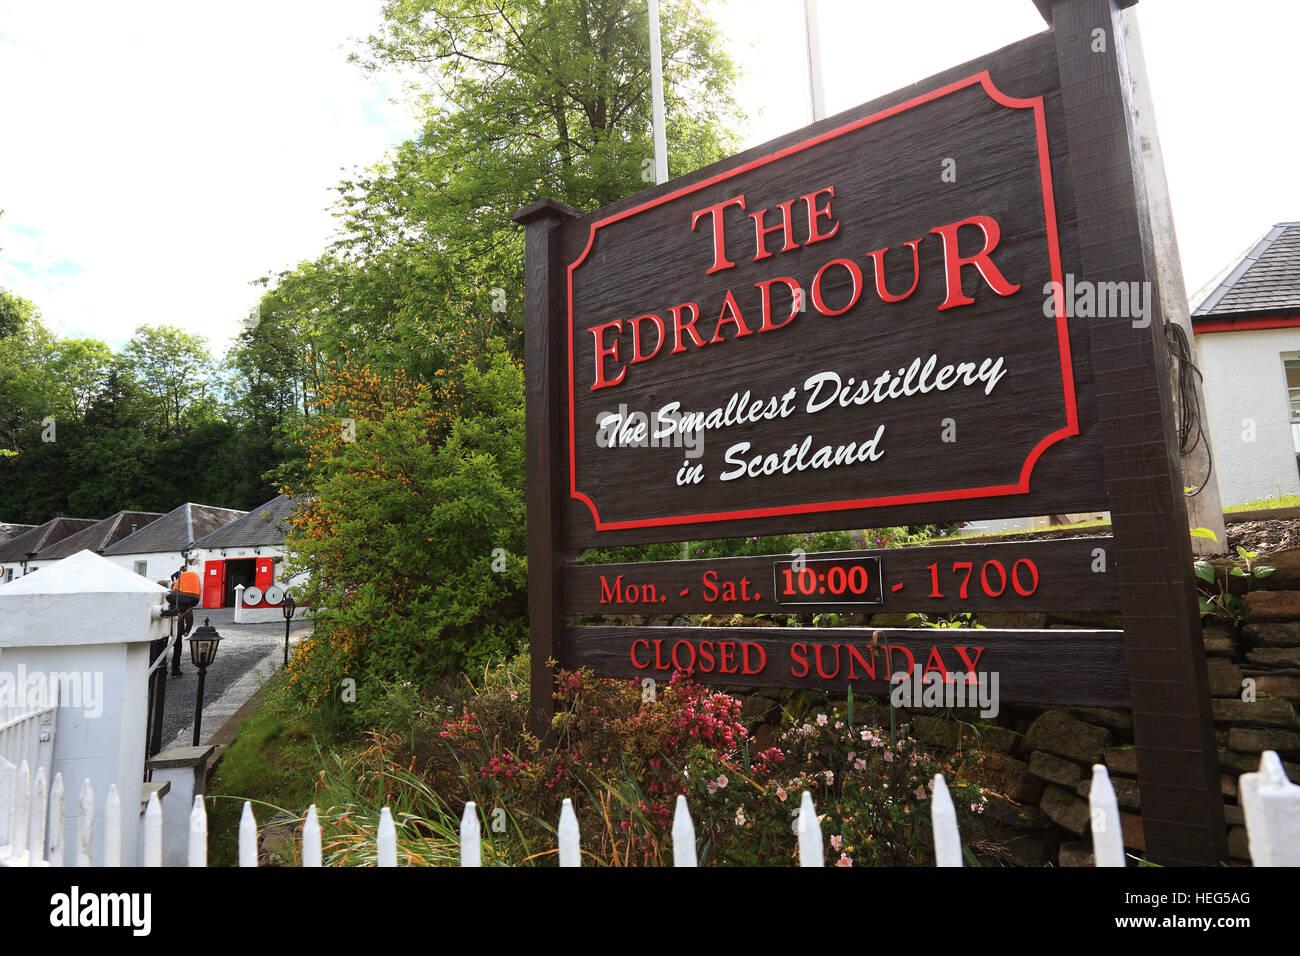 Schottland, Whisky Destillerie Edradour bei Pitlochry - Stock Image